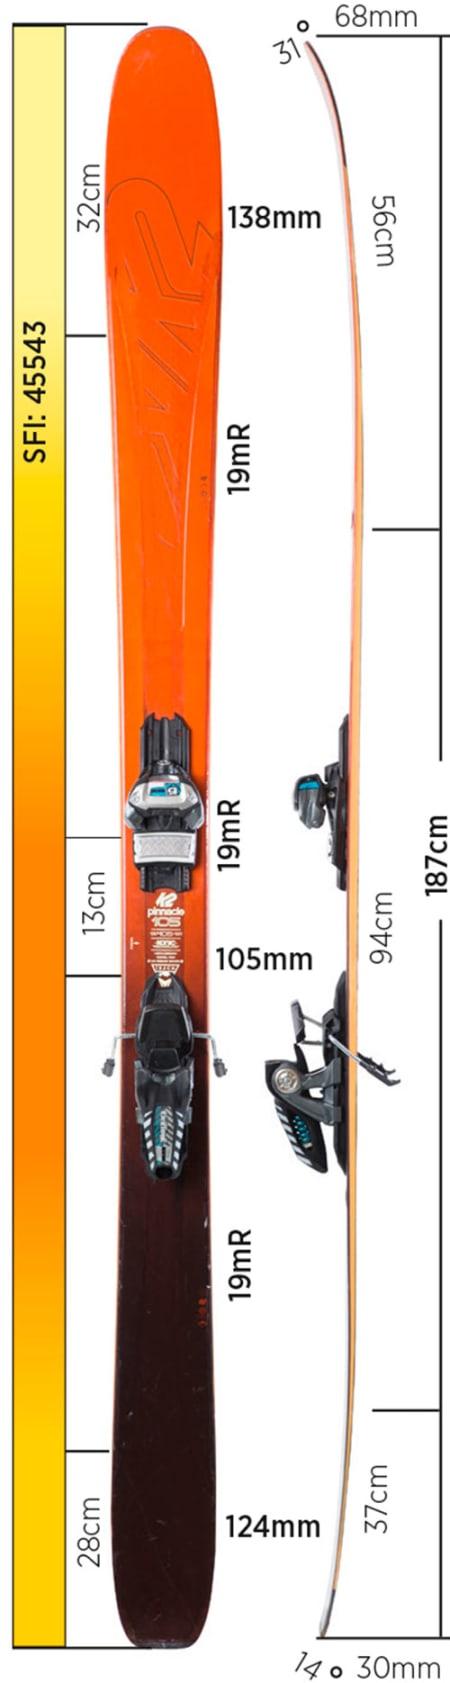 Test av K2 Pinnacle 105